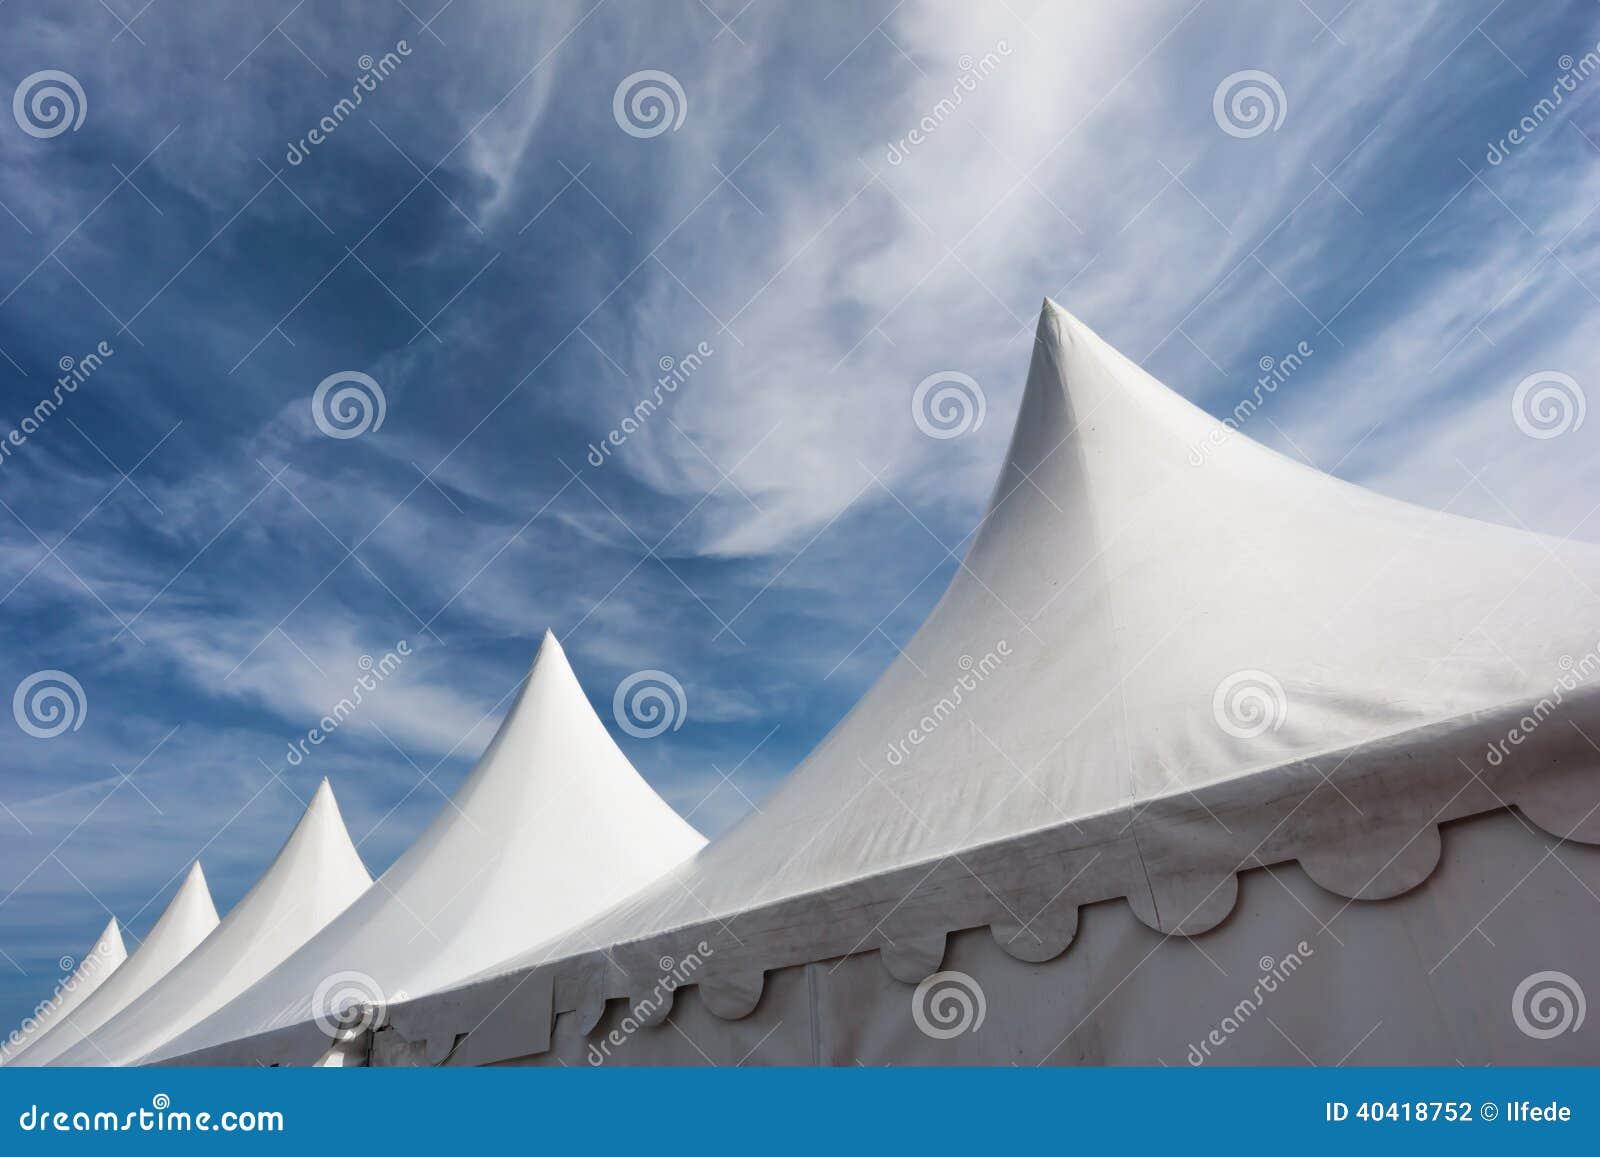 Άσπρες σκηνές ενάντια στο μπλε ουρανό